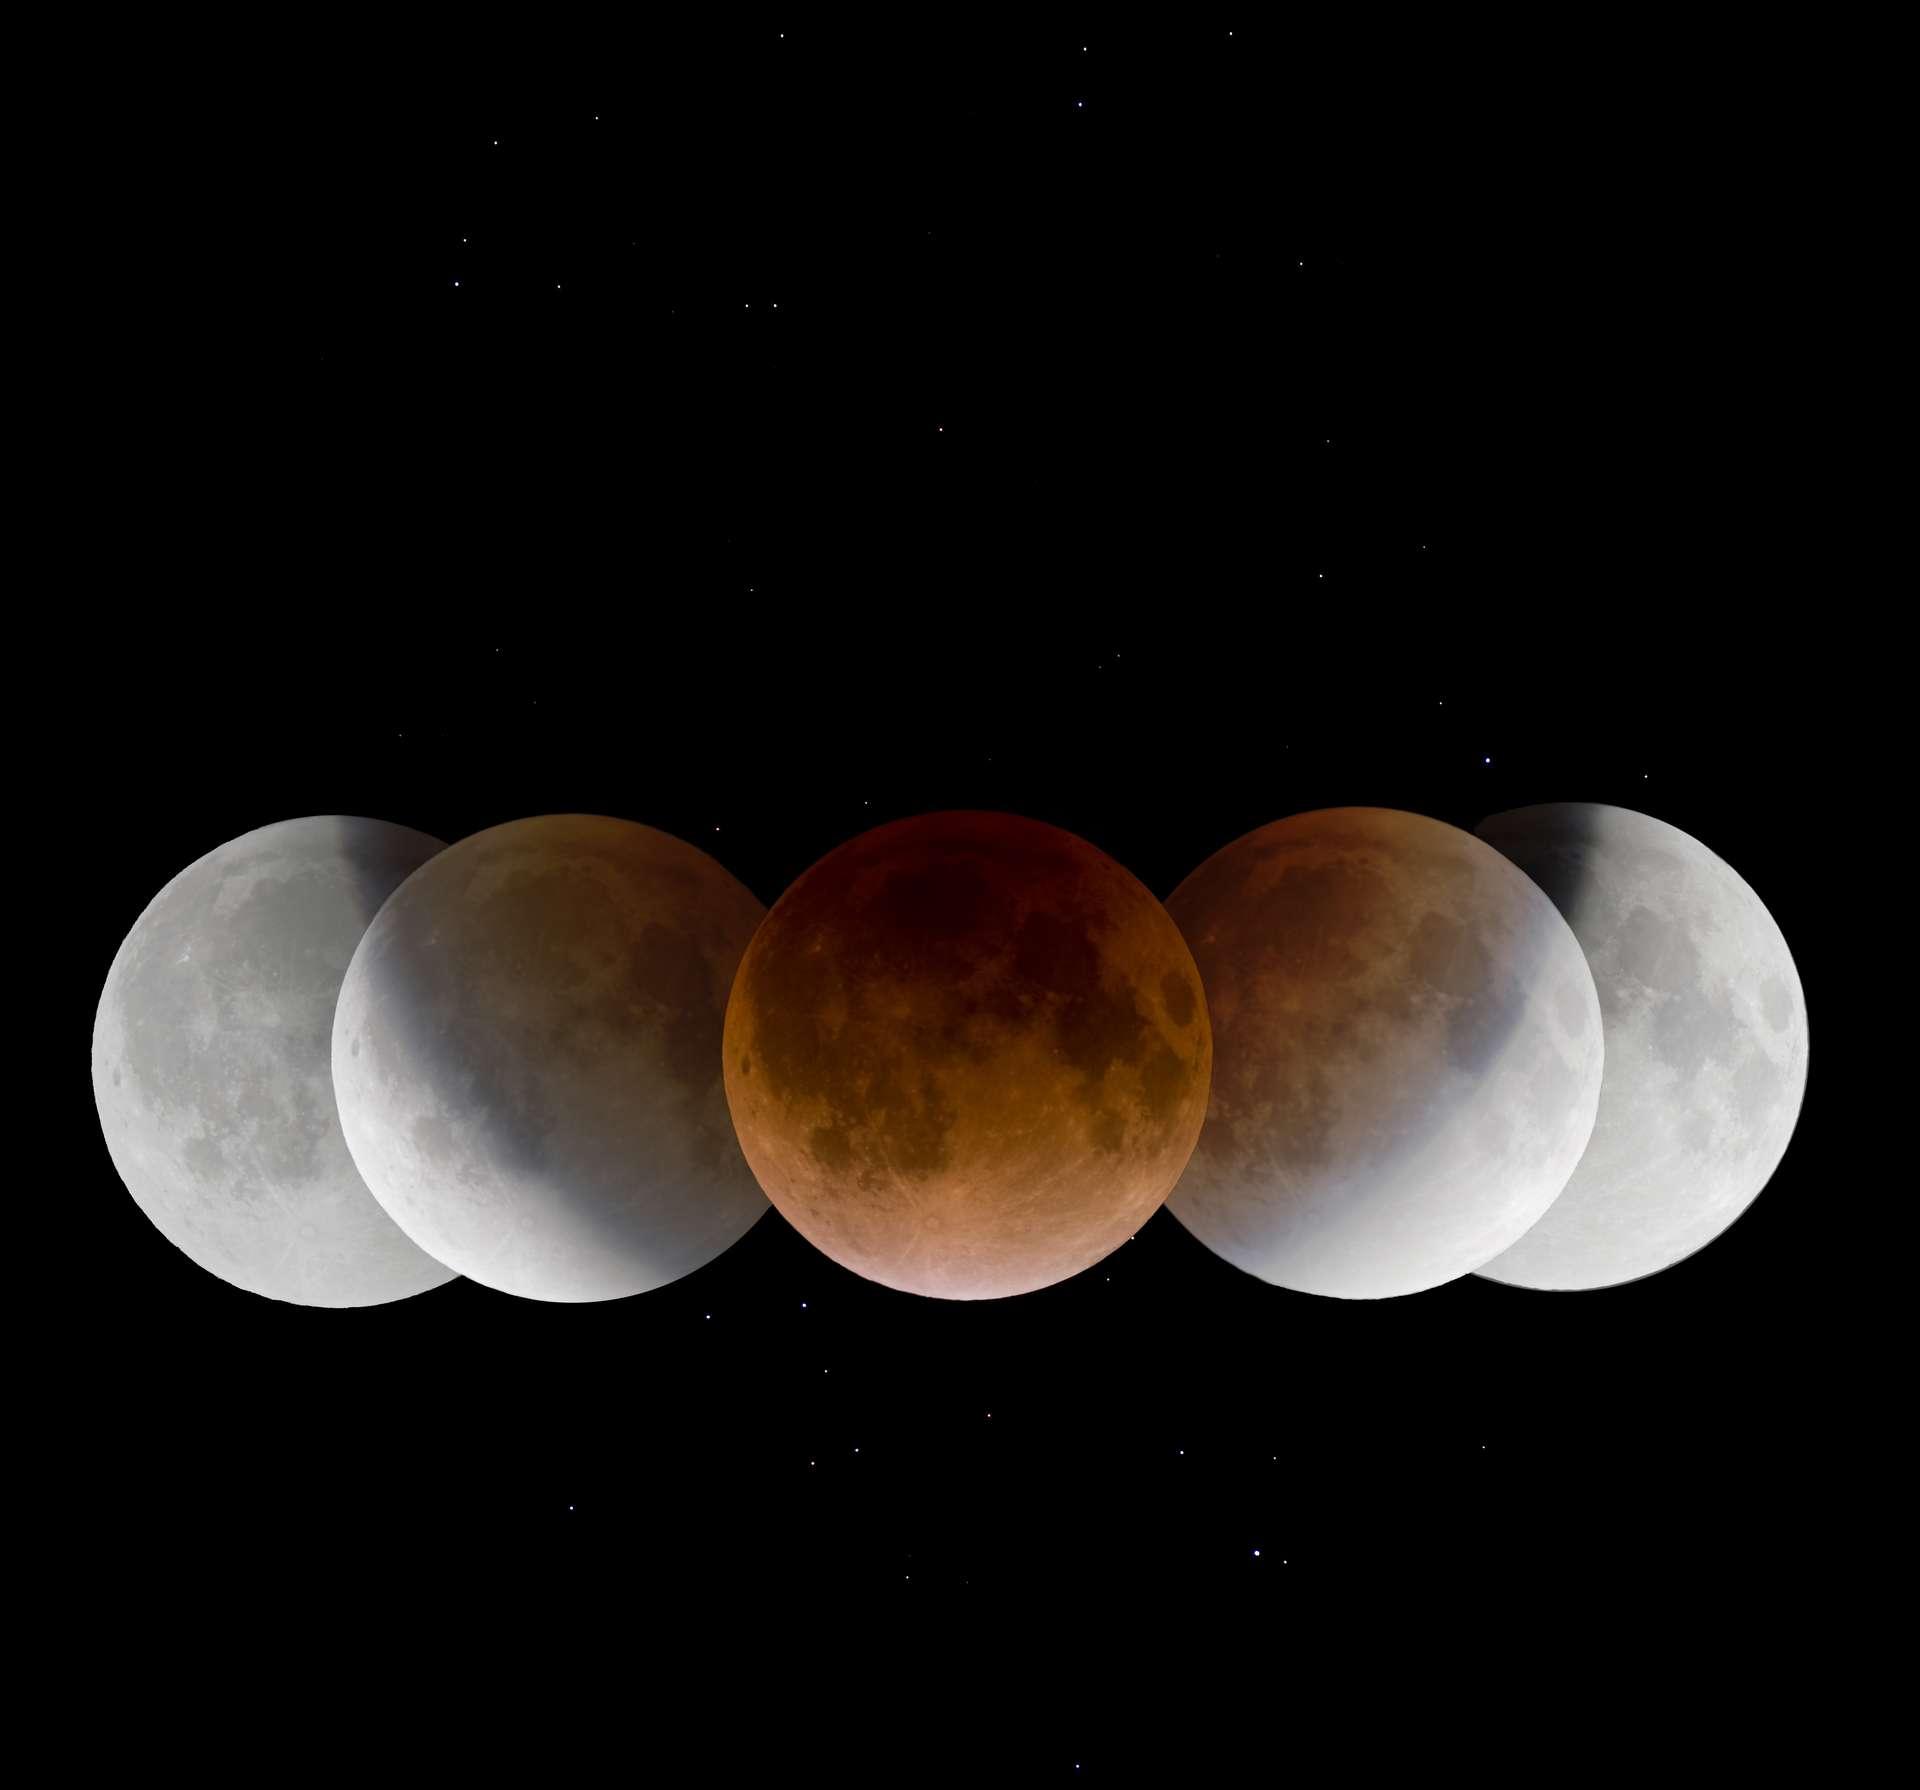 Ce mercredi 26 mai 2021, la Lune s'éclipsera totalement du ciel du Pacifique. Au moment même où notre satellite naturel passera par son périgée. Un beau spectacle en perspective. © Nasa